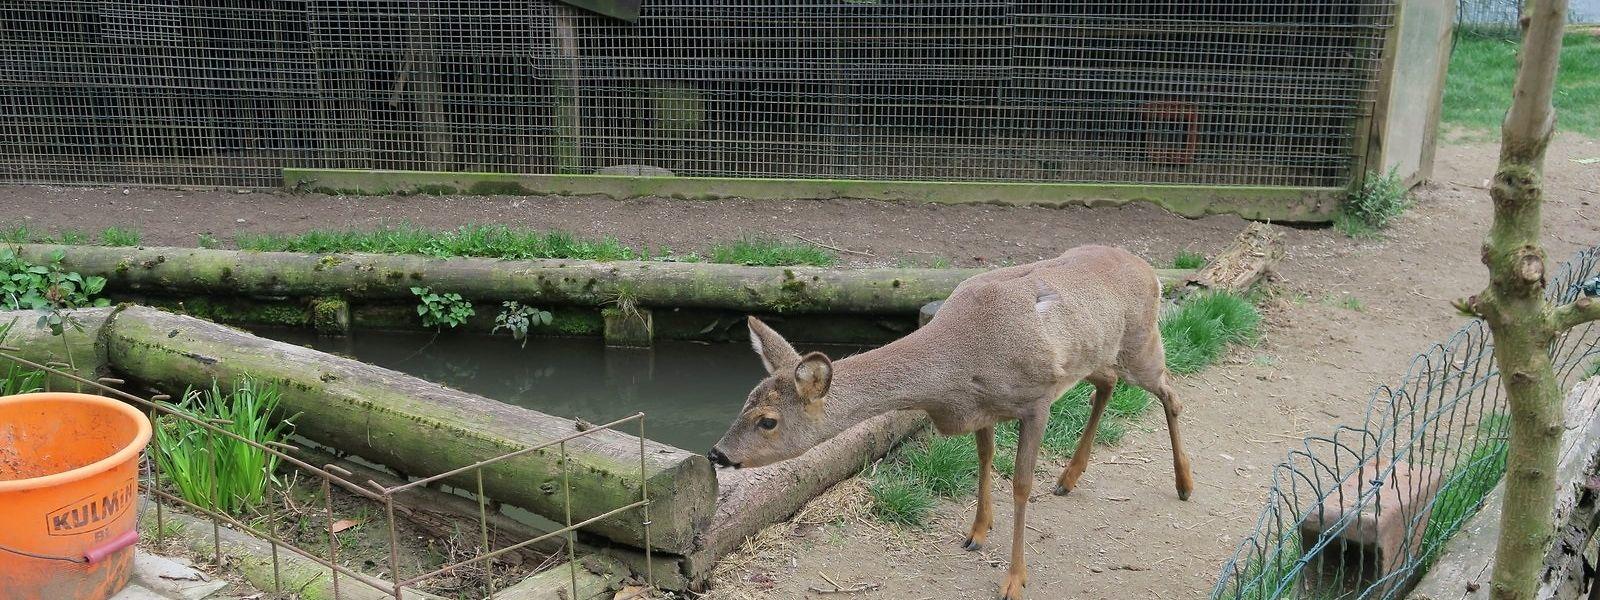 Das Halten von Wildtieren ist nicht mit einer artgerechten Tierhaltung vereinbar.